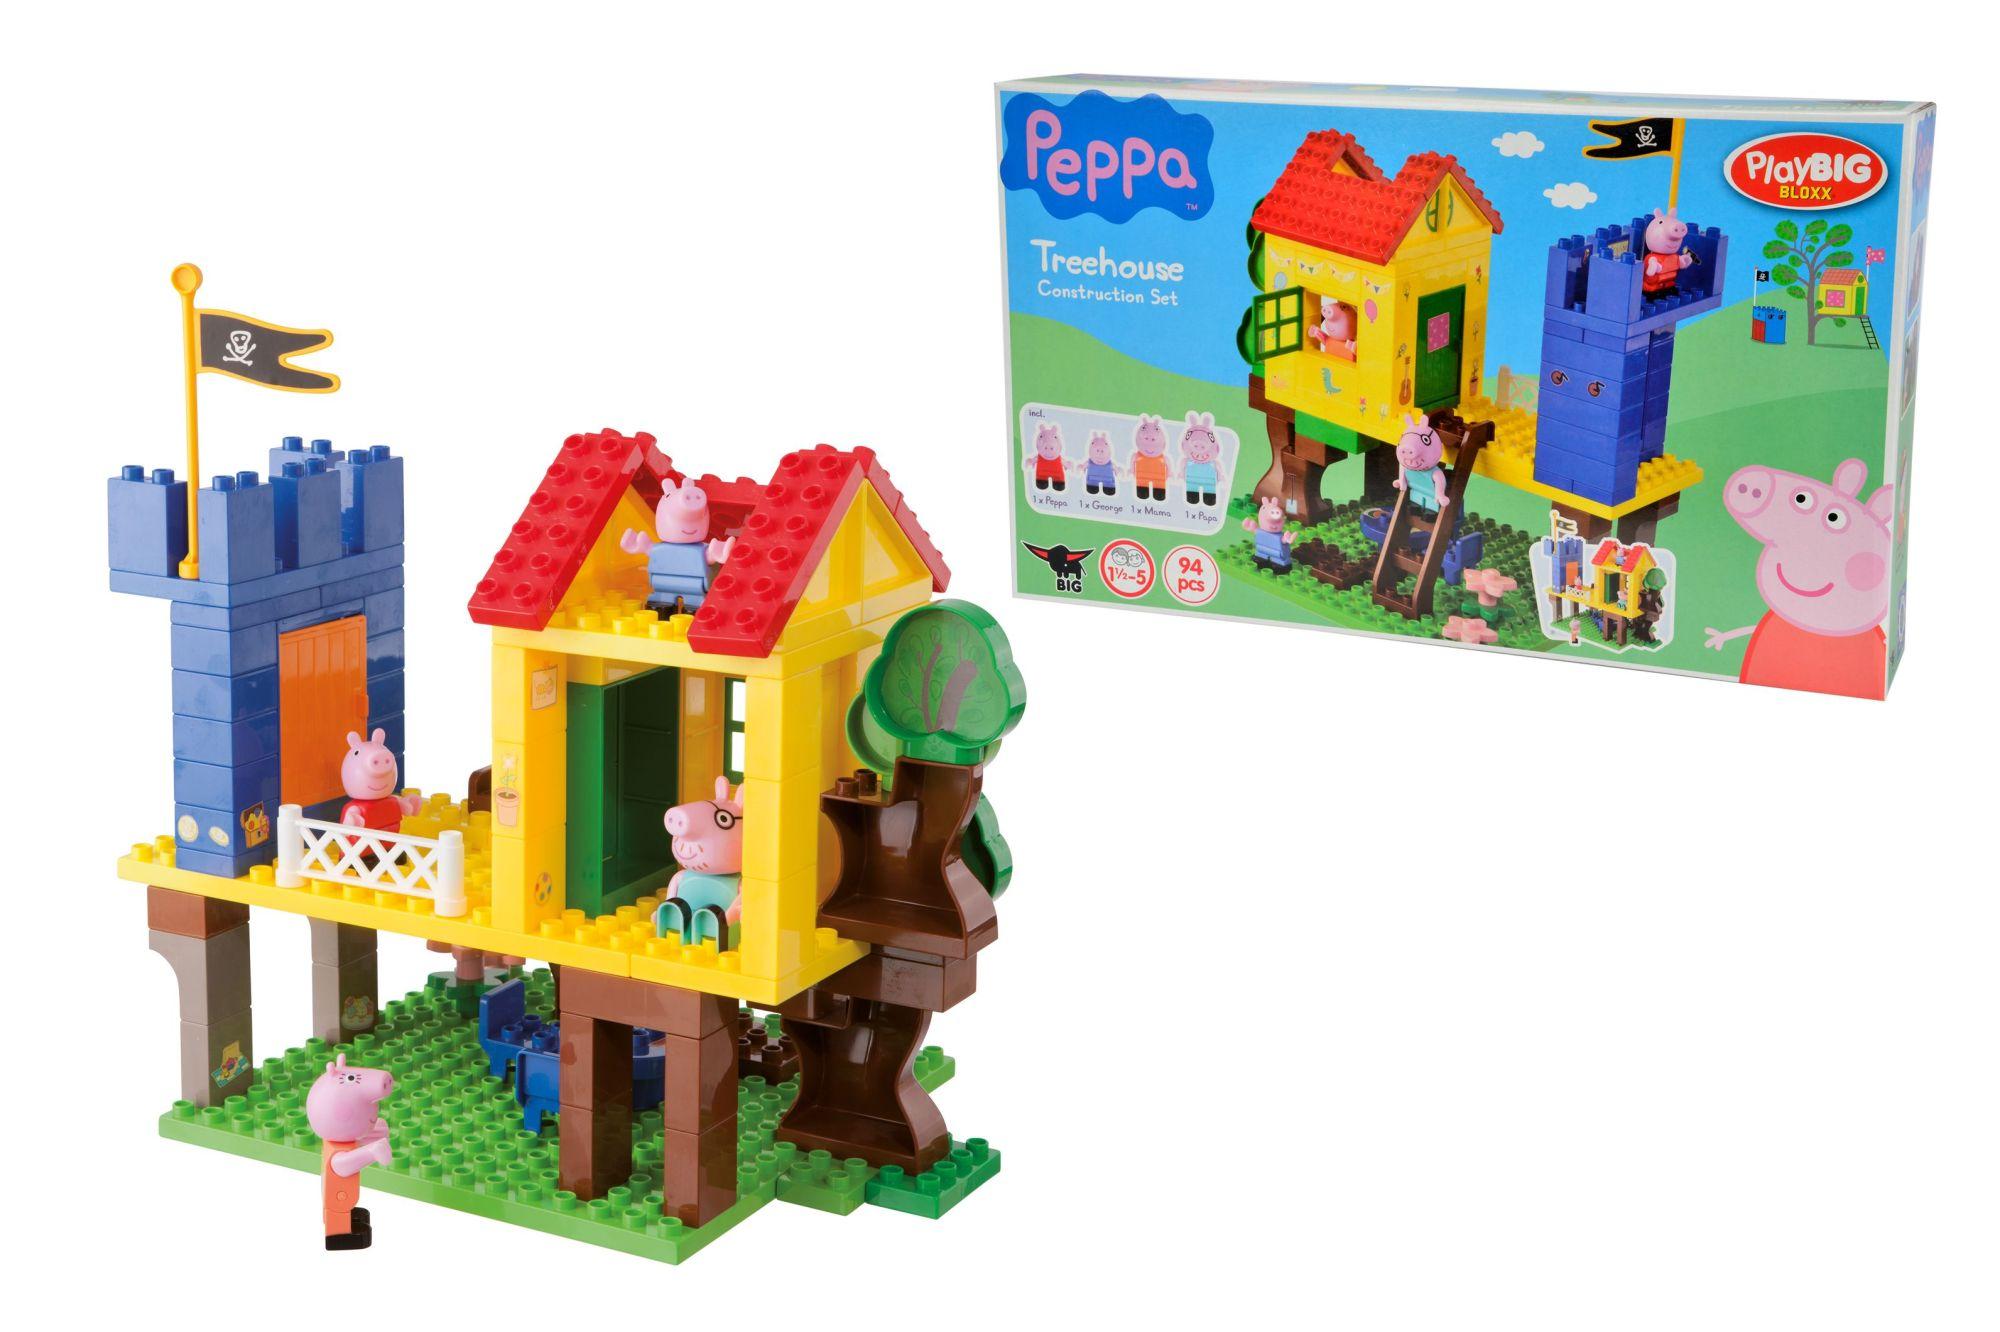 playbig bloxx peppa pig baumhaus